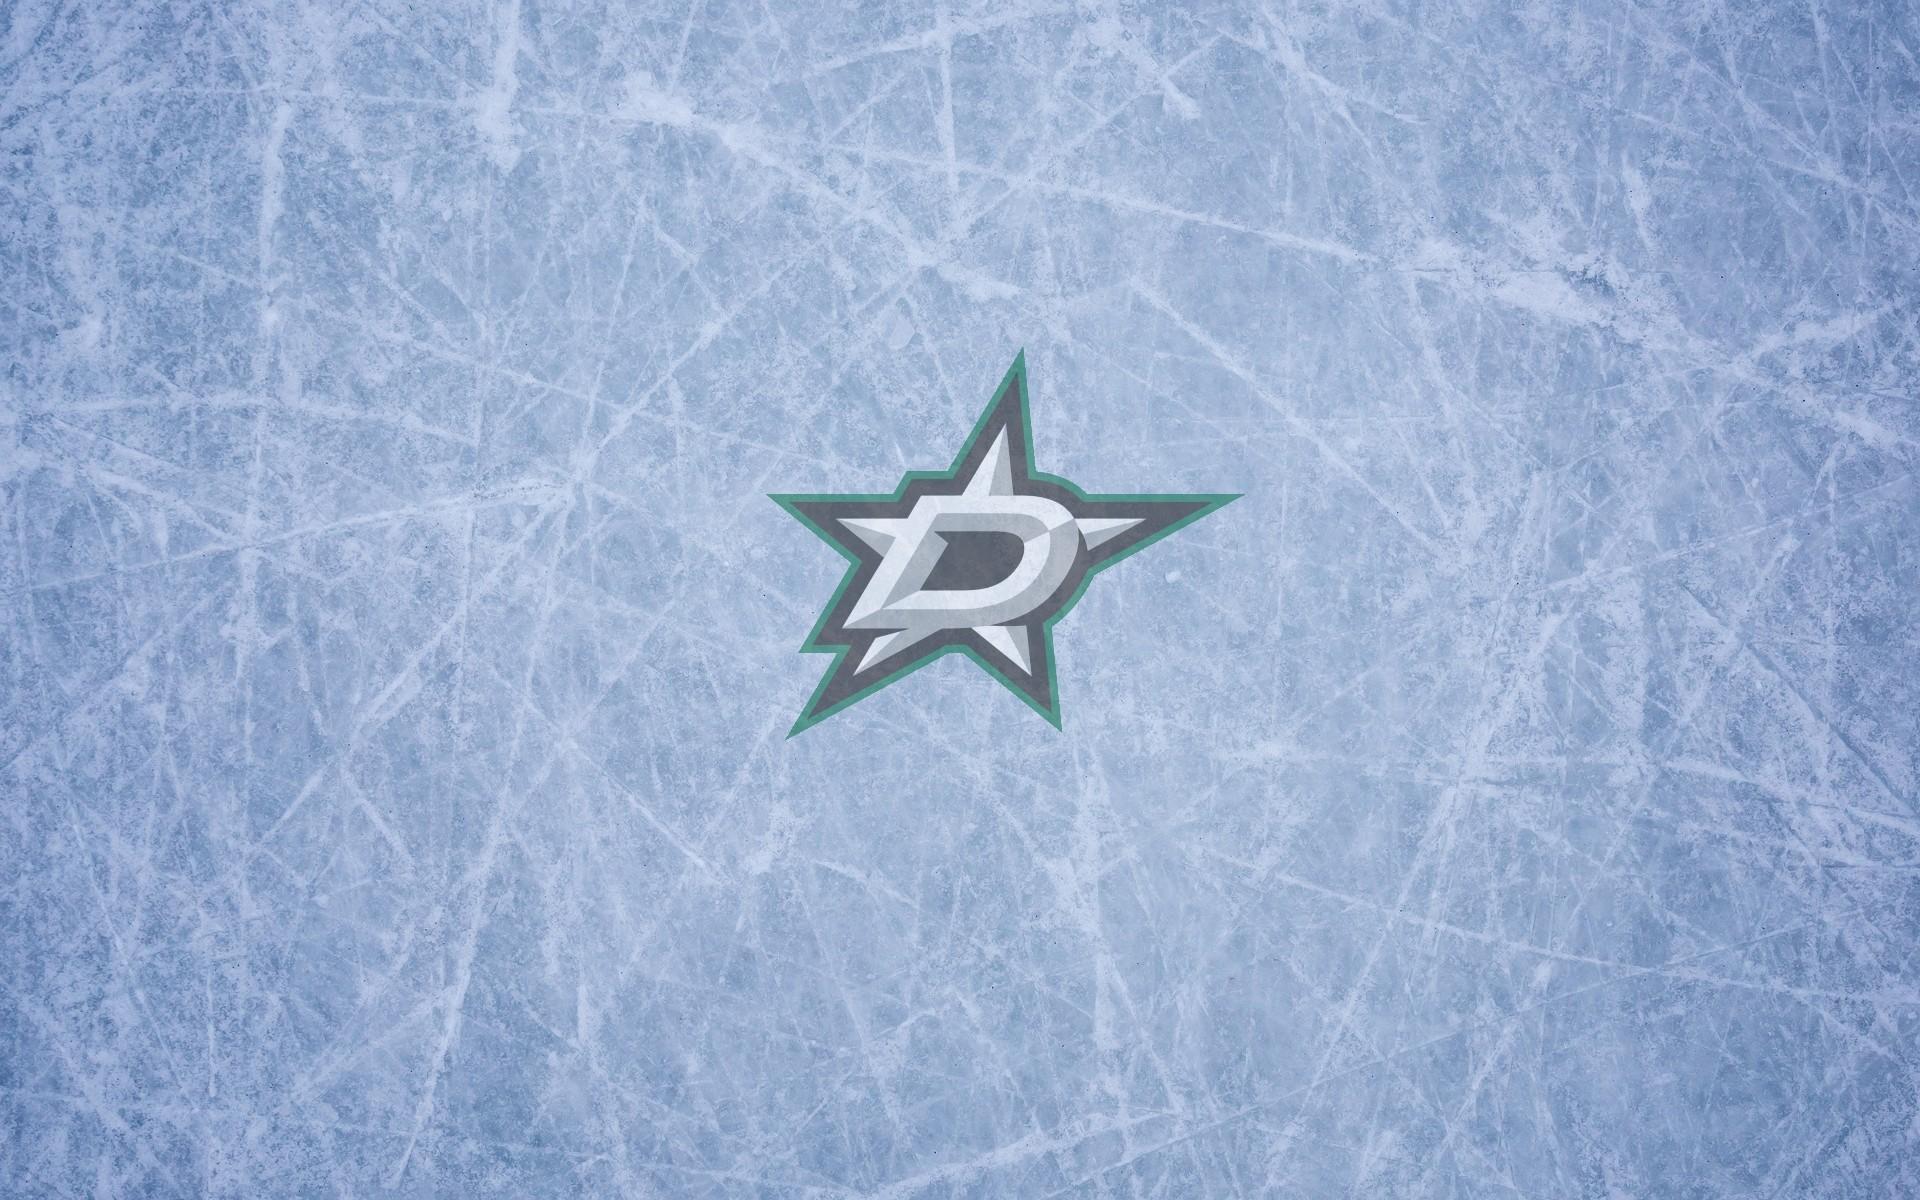 Dallas Stars wallpaper widescreen (ice and logo) 1920×1200, 16×10